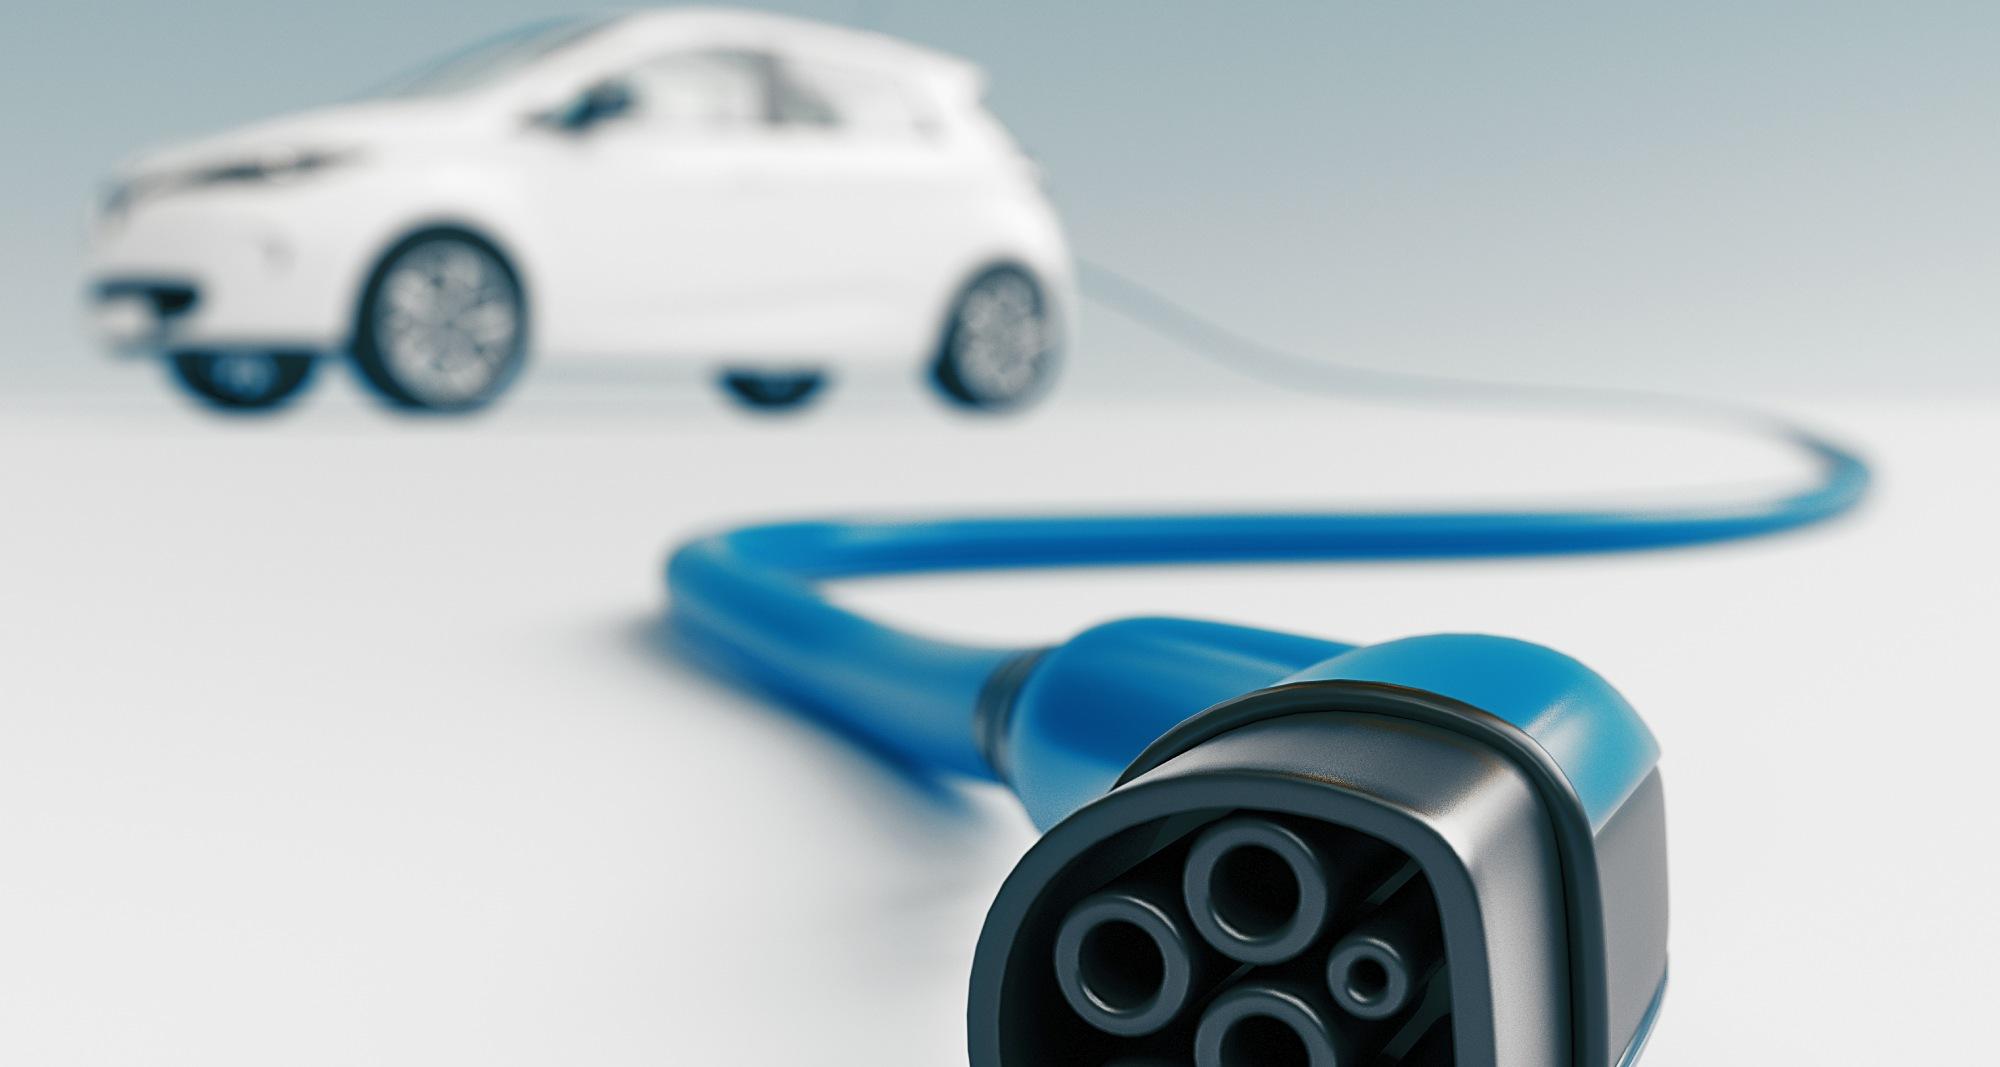 Quelle voiture hybride choisir pour sa flotte ? On fait le point sur les technologies disponibles